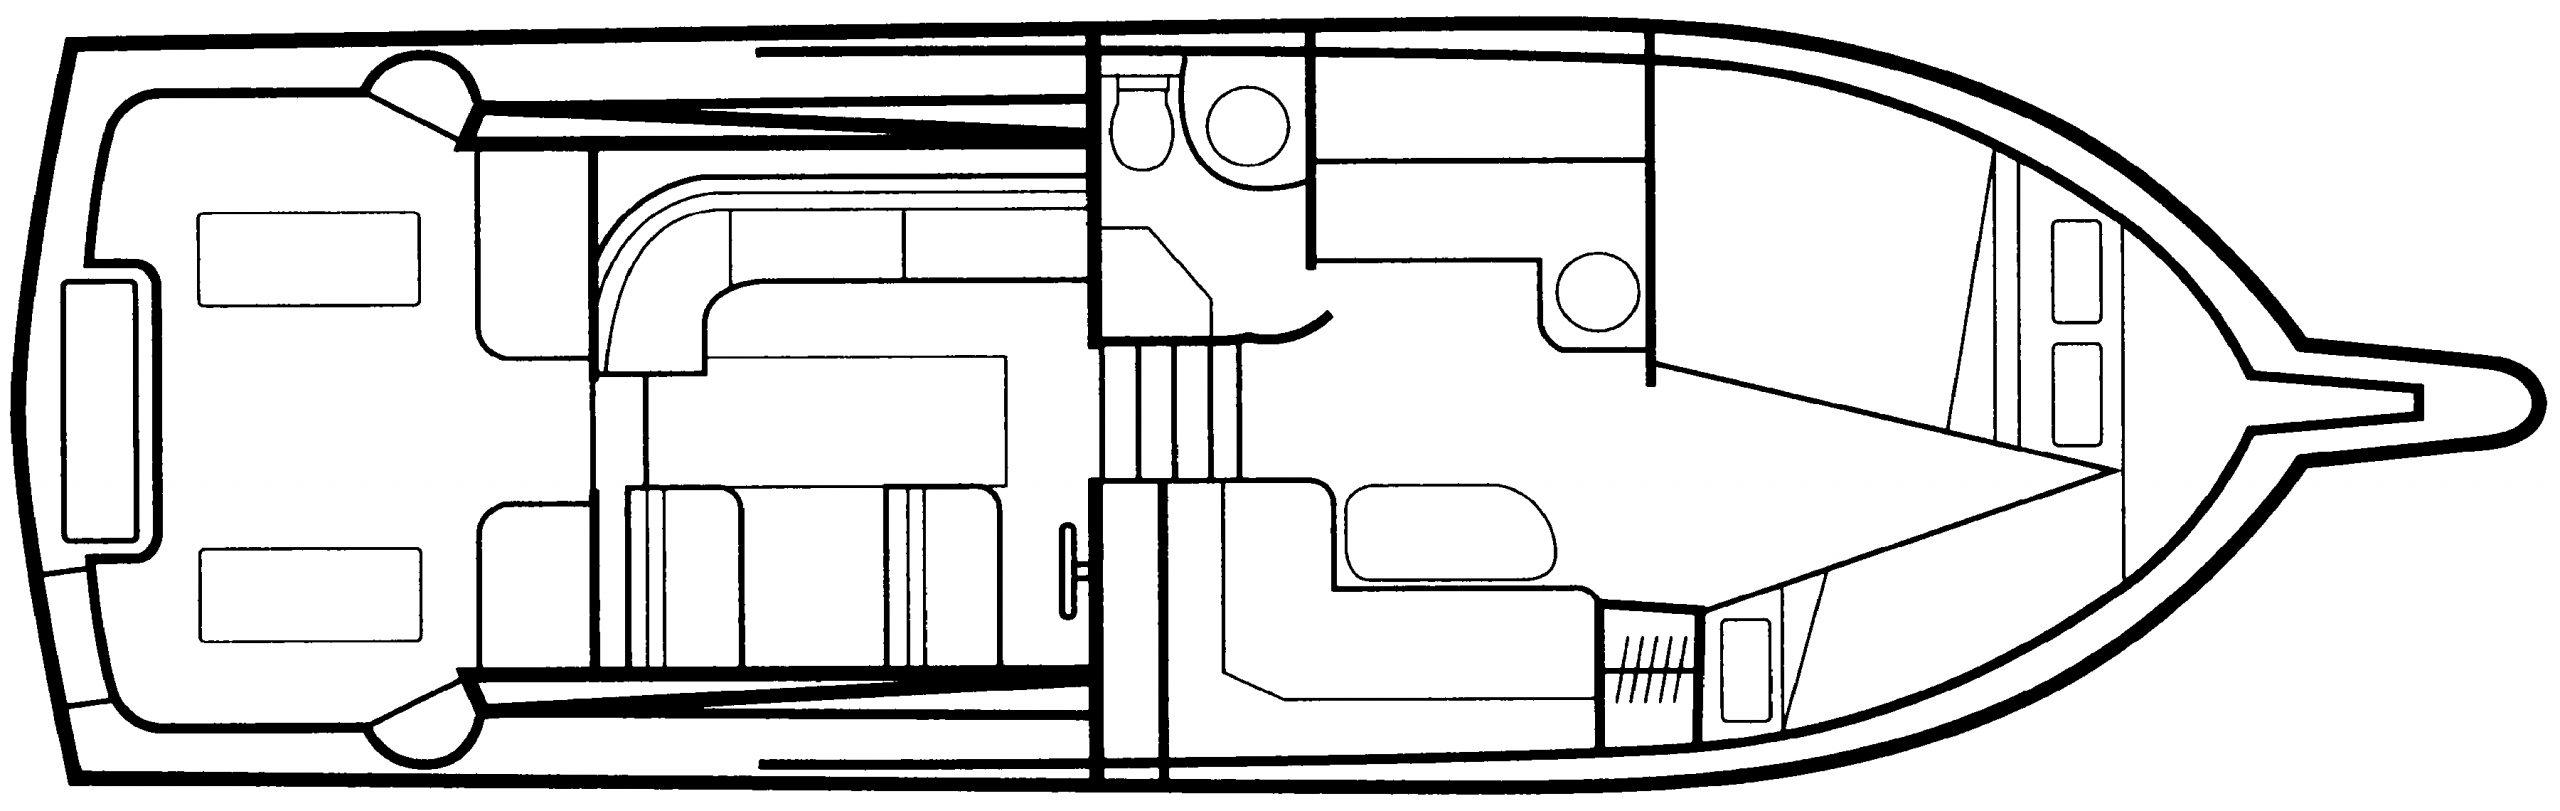 35 Express Floor Plan 2